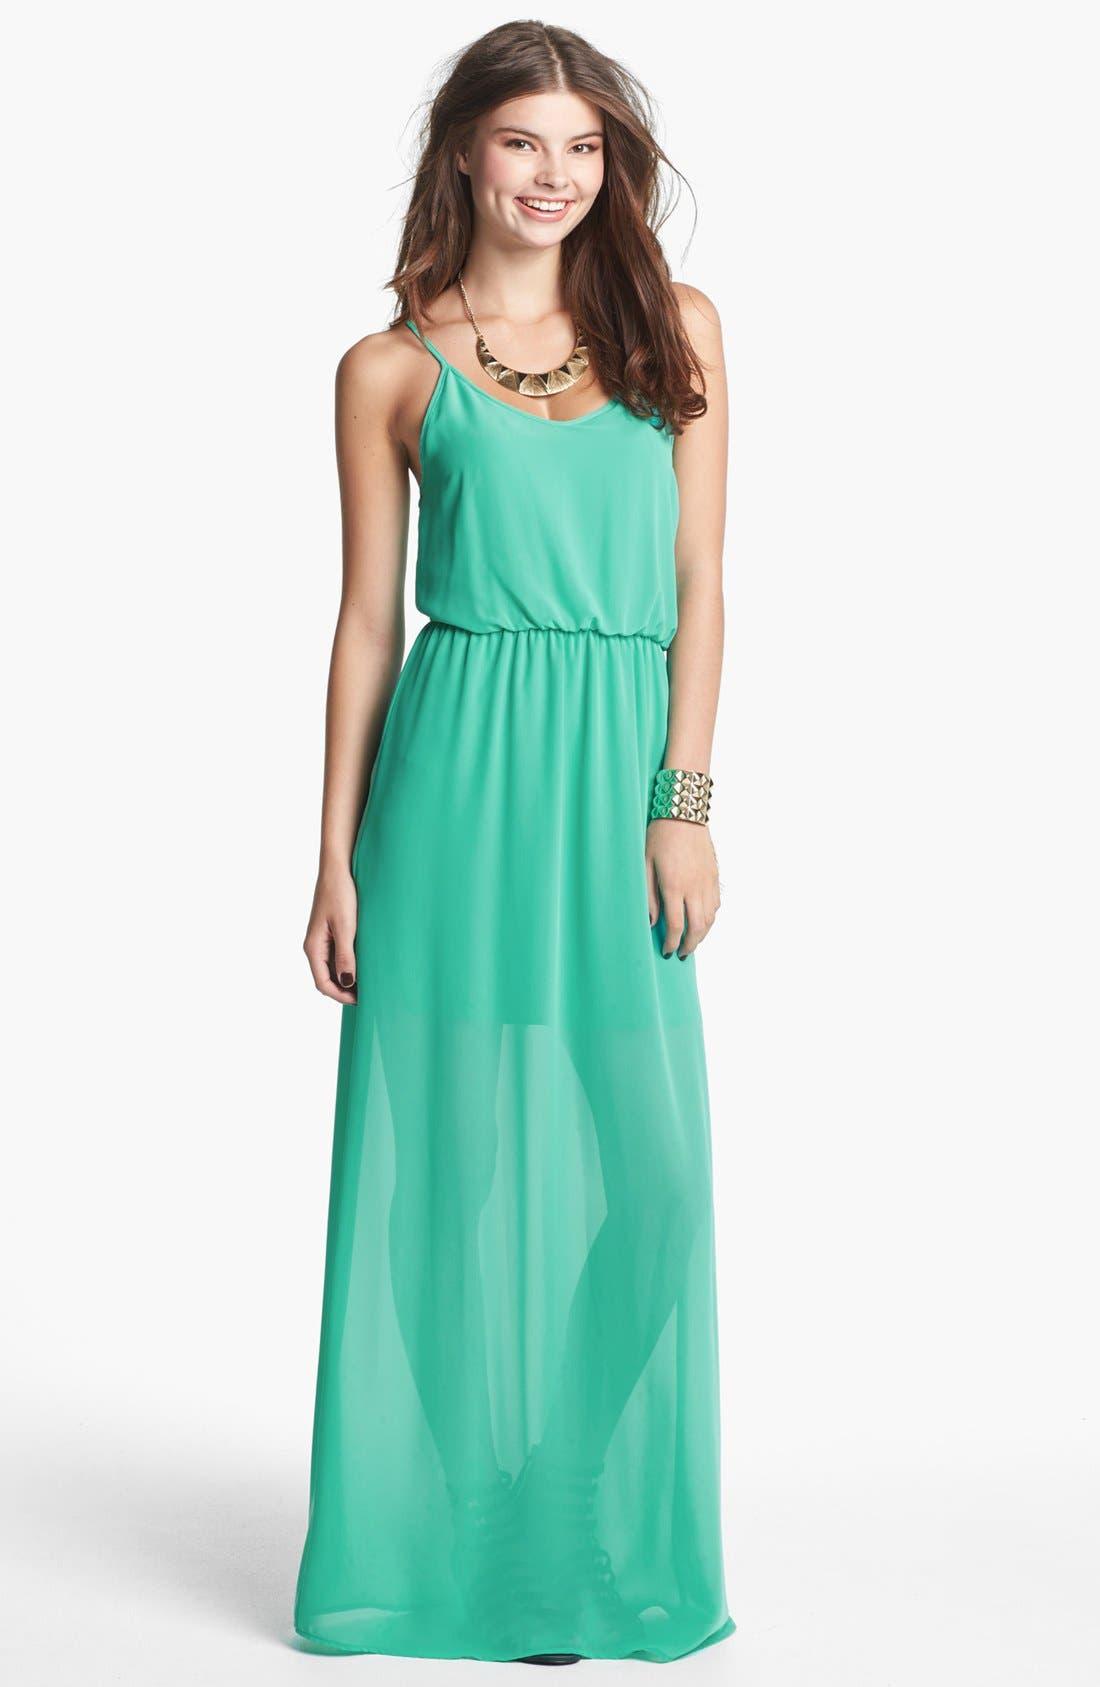 Main Image - Lush Bar Back Maxi Dress (Juniors)